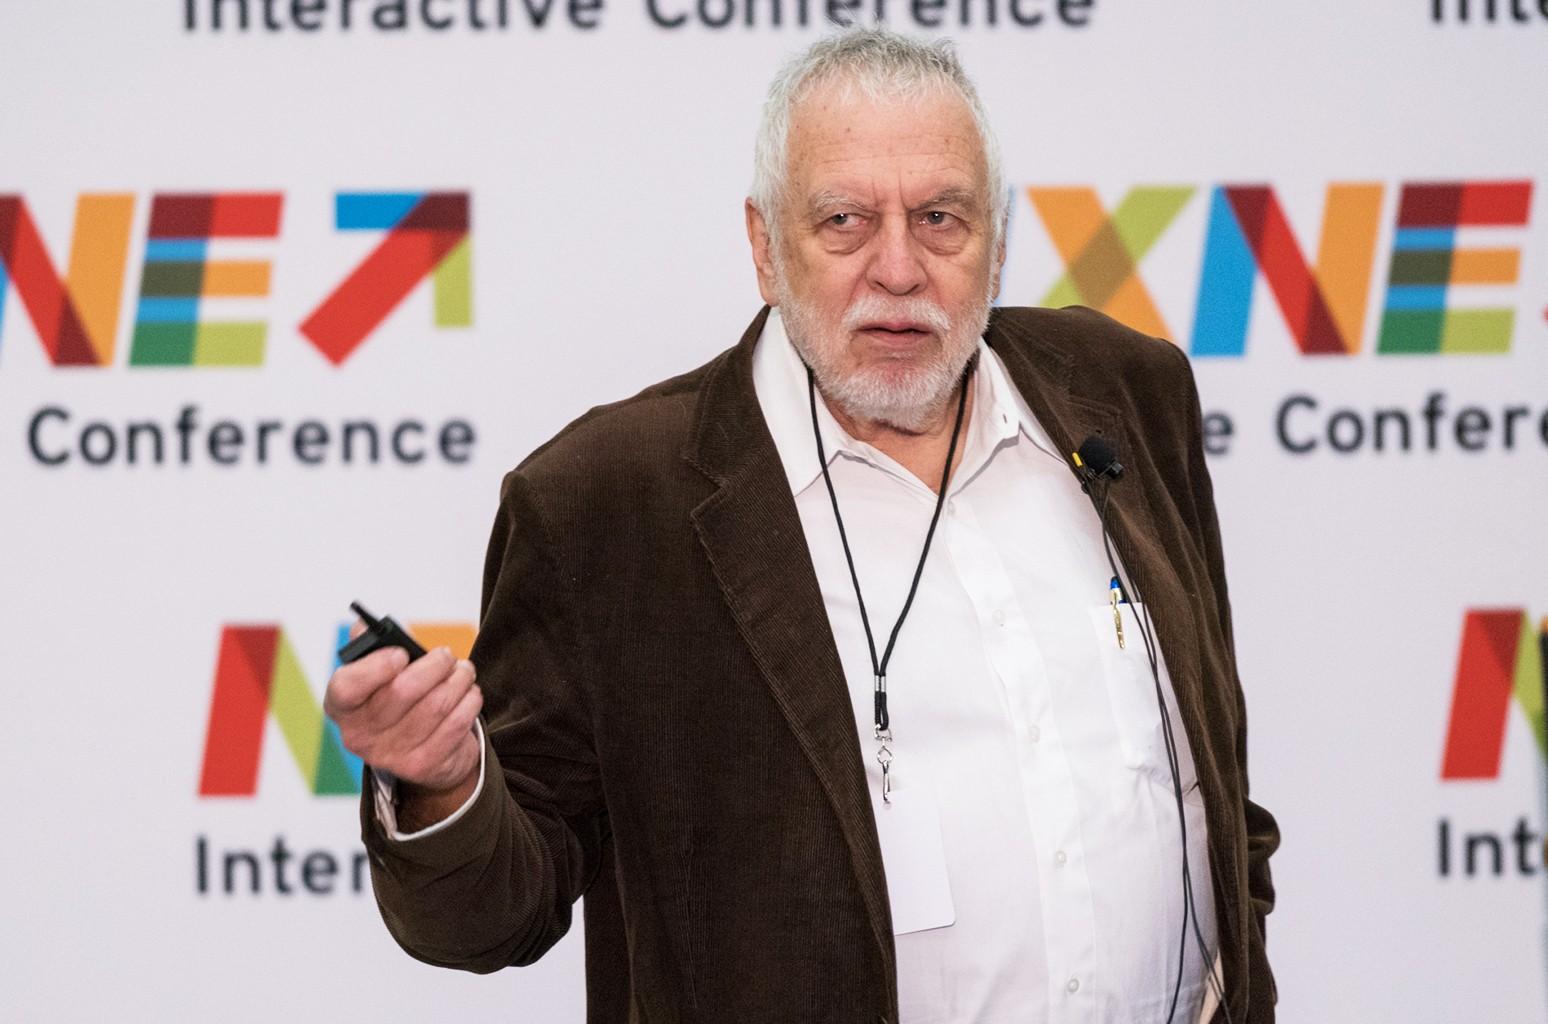 Nolan Bushnell at the NXNE Keynote